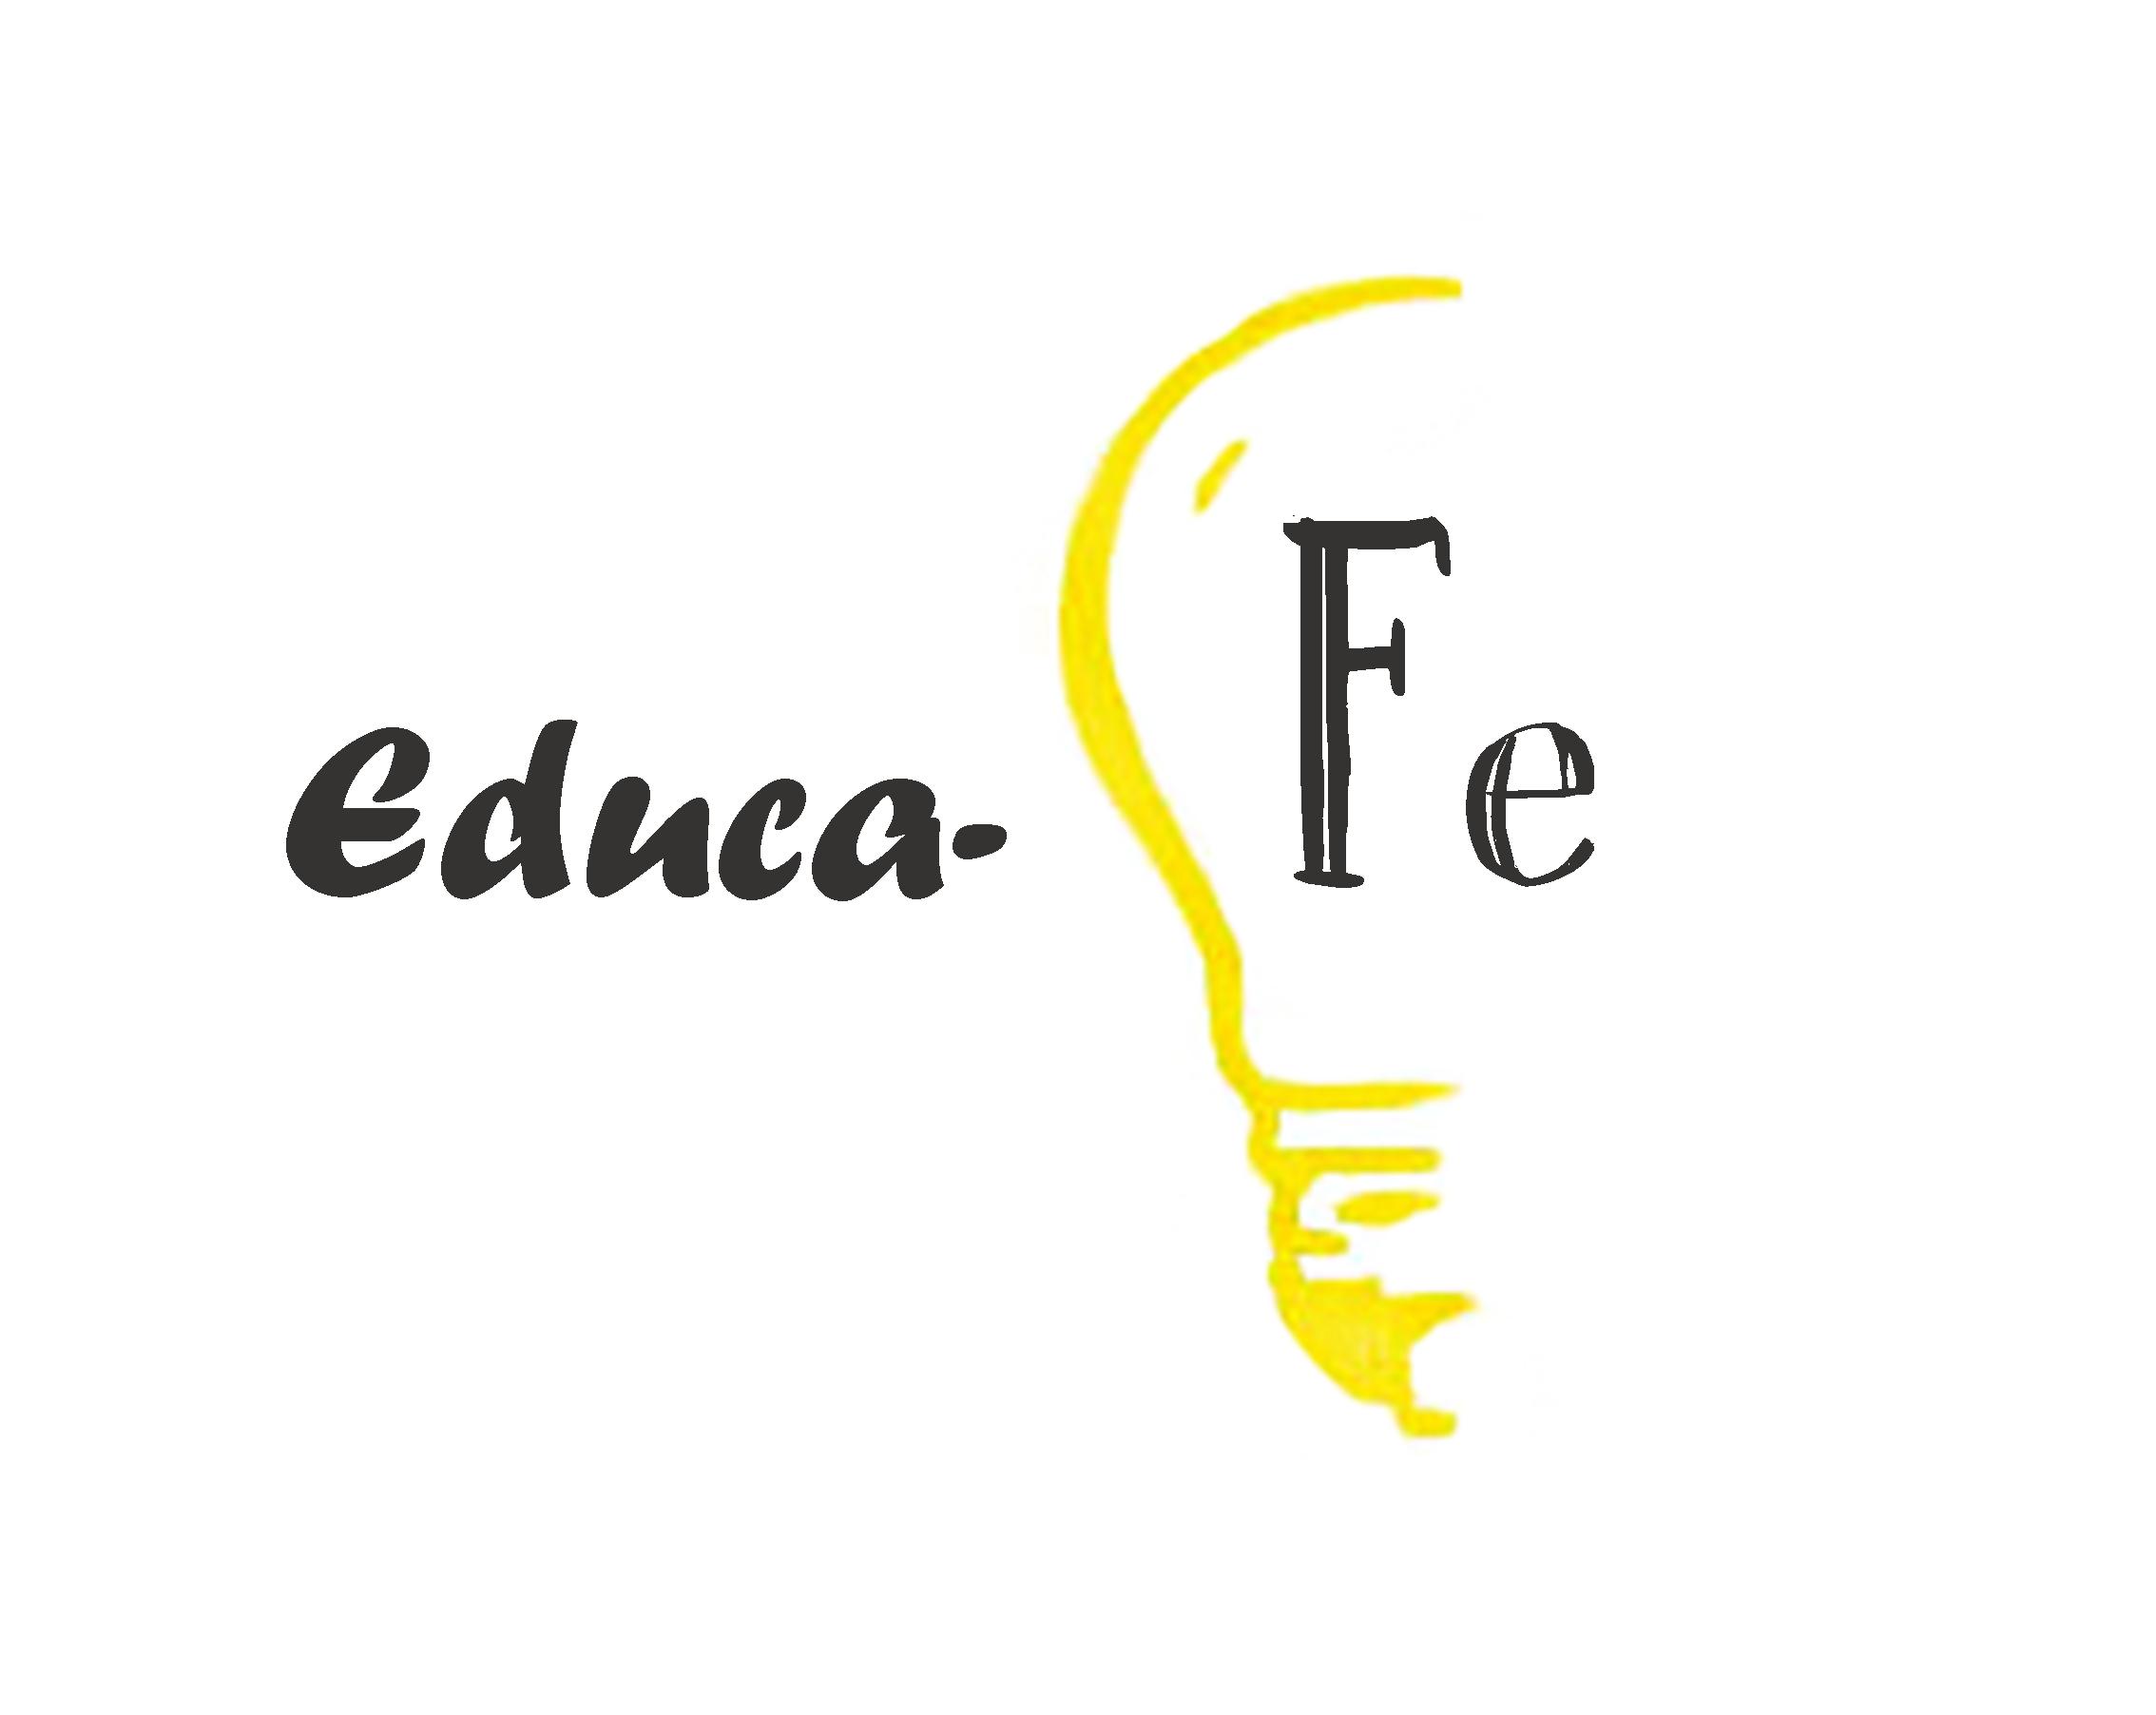 educa Fe